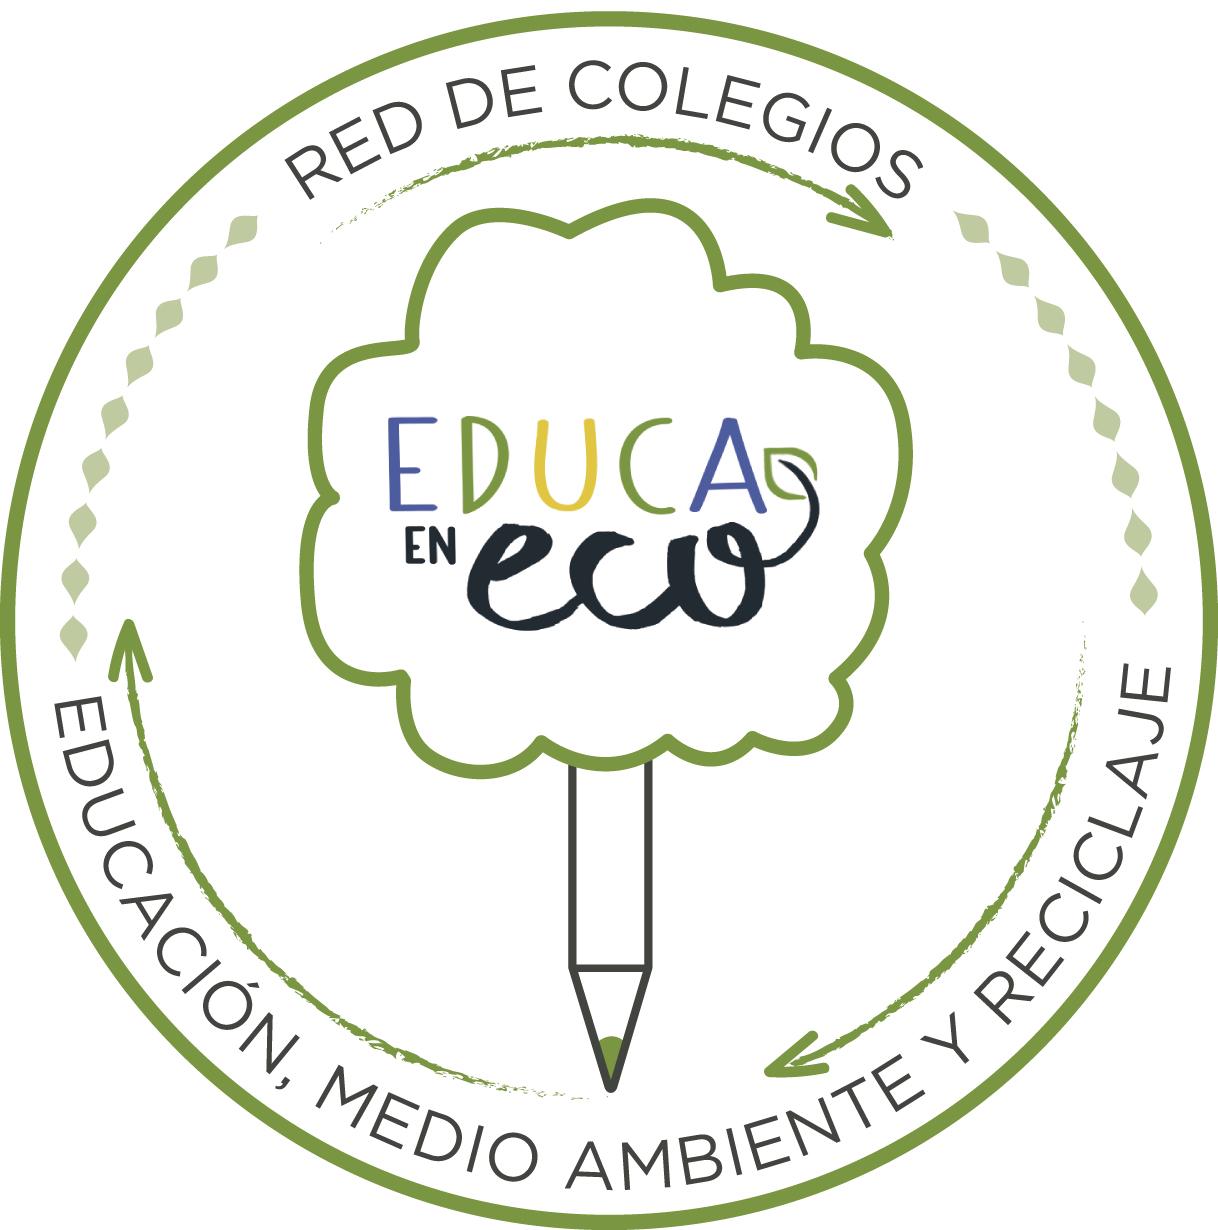 Resultado de imagen de Educa en Eco de Ecoembes: